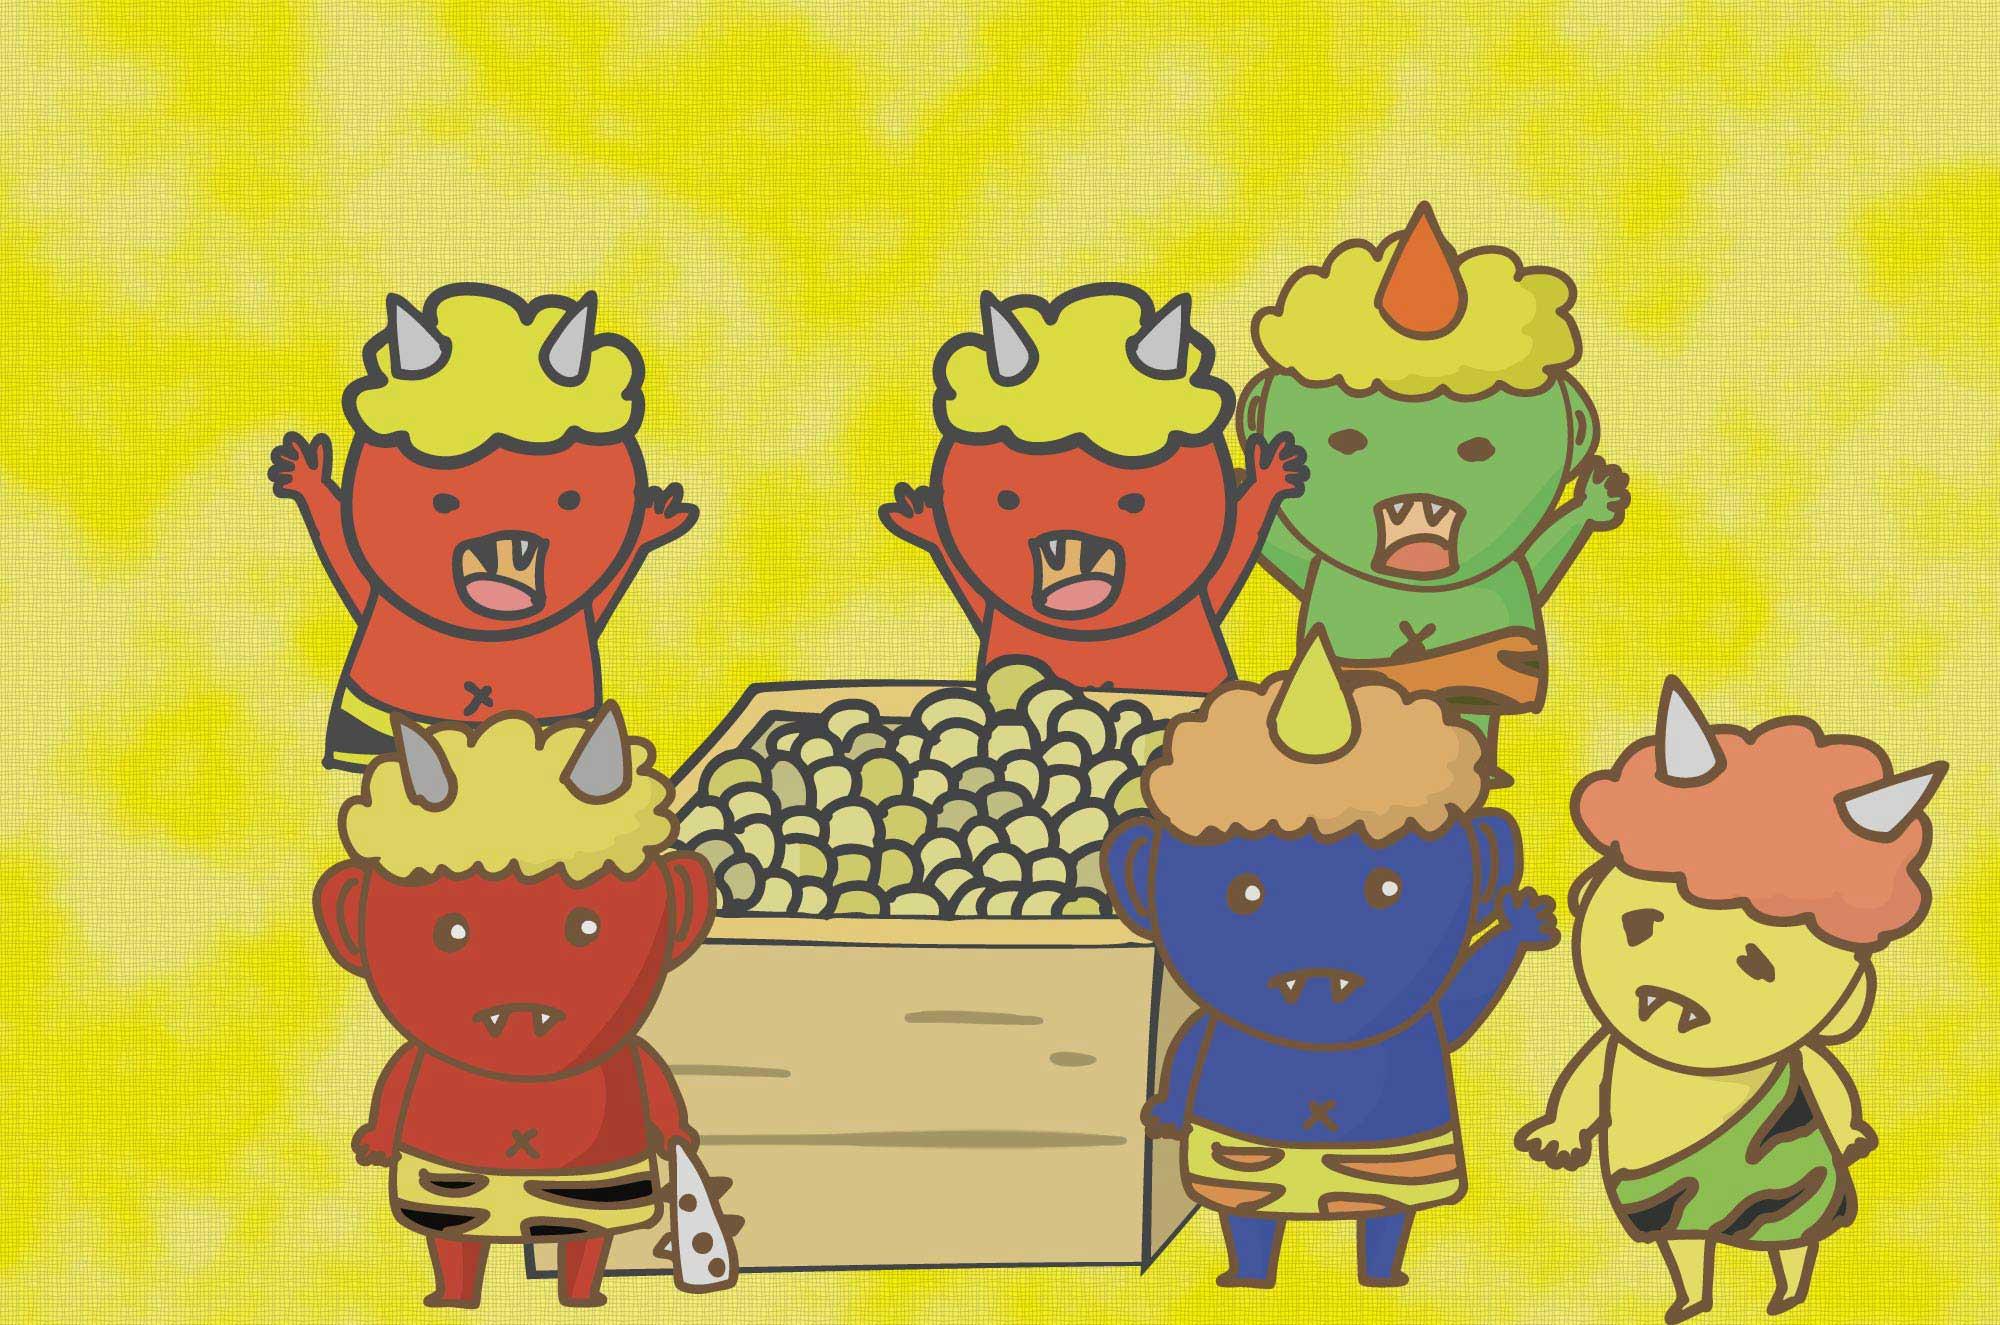 可愛い鬼と節分のイラスト - 豆まきと怖がる子供無料素材